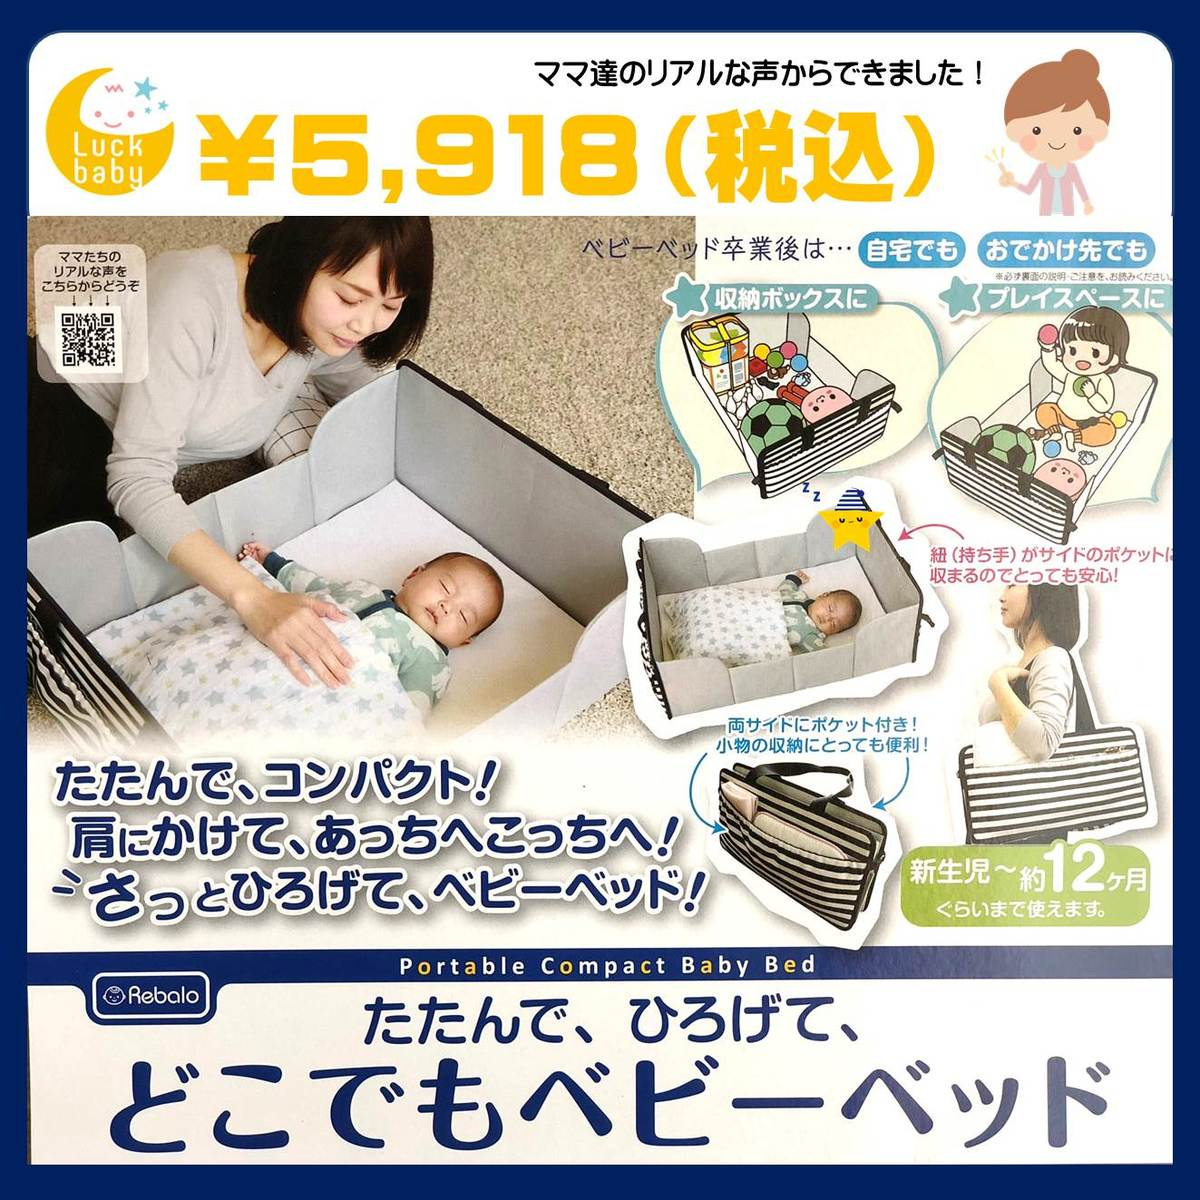 【新商品】どこでもベビーベット 折りたたみベット 赤ちゃん用 ラックベイビー ラックベビークッション 収納 プレイスペース